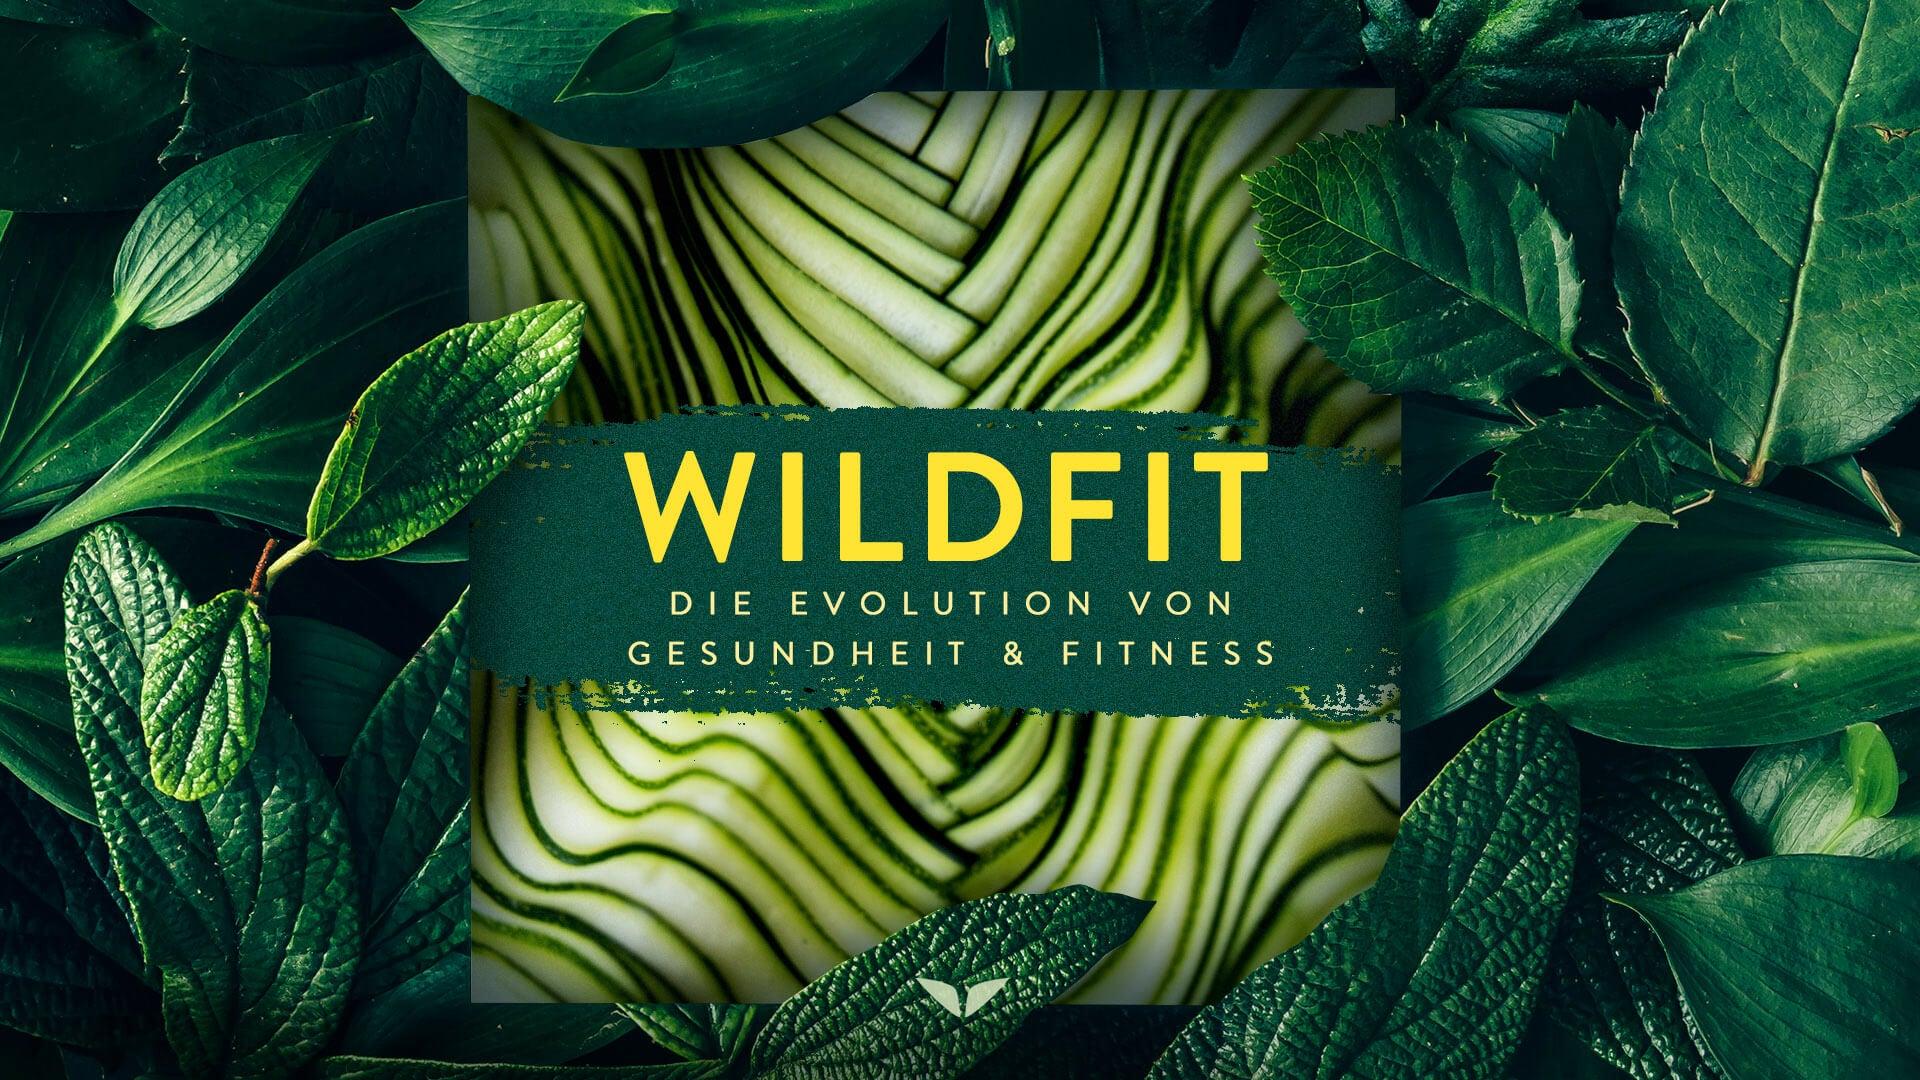 WildFit auf Deutsch